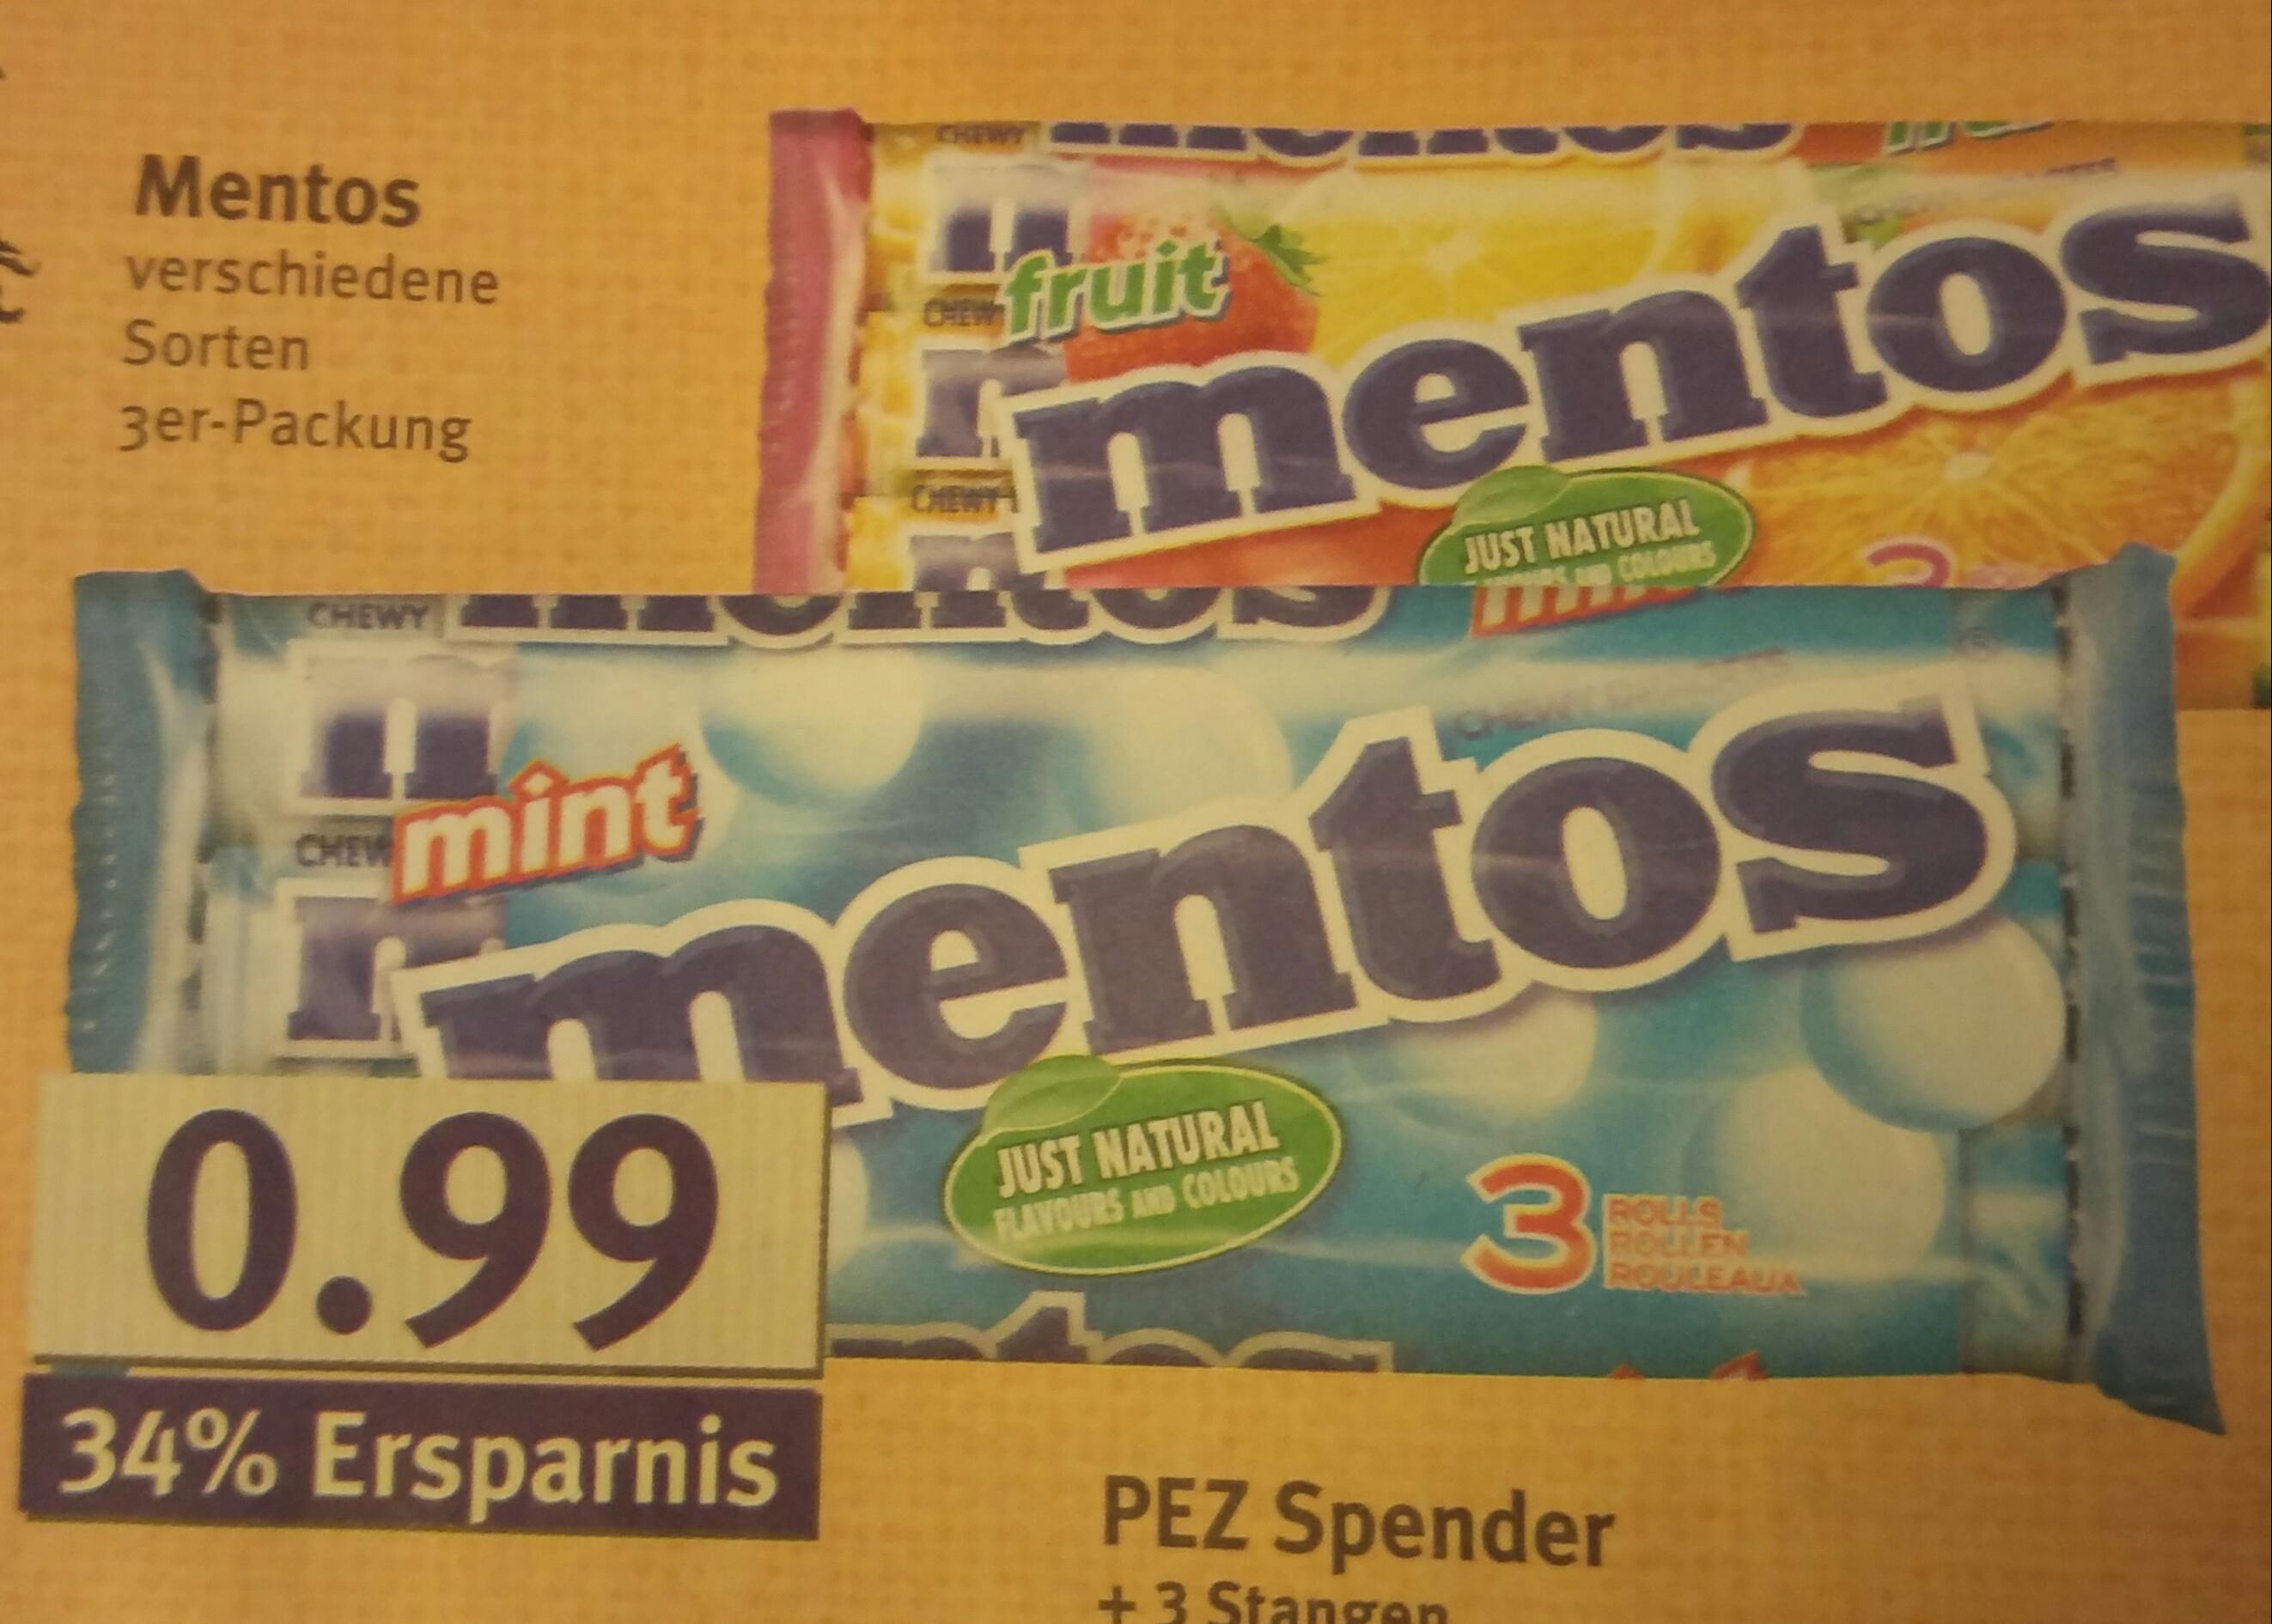 Combi/Jibi Mentos 3er Pack mit Scondoo für nur 49 Cent